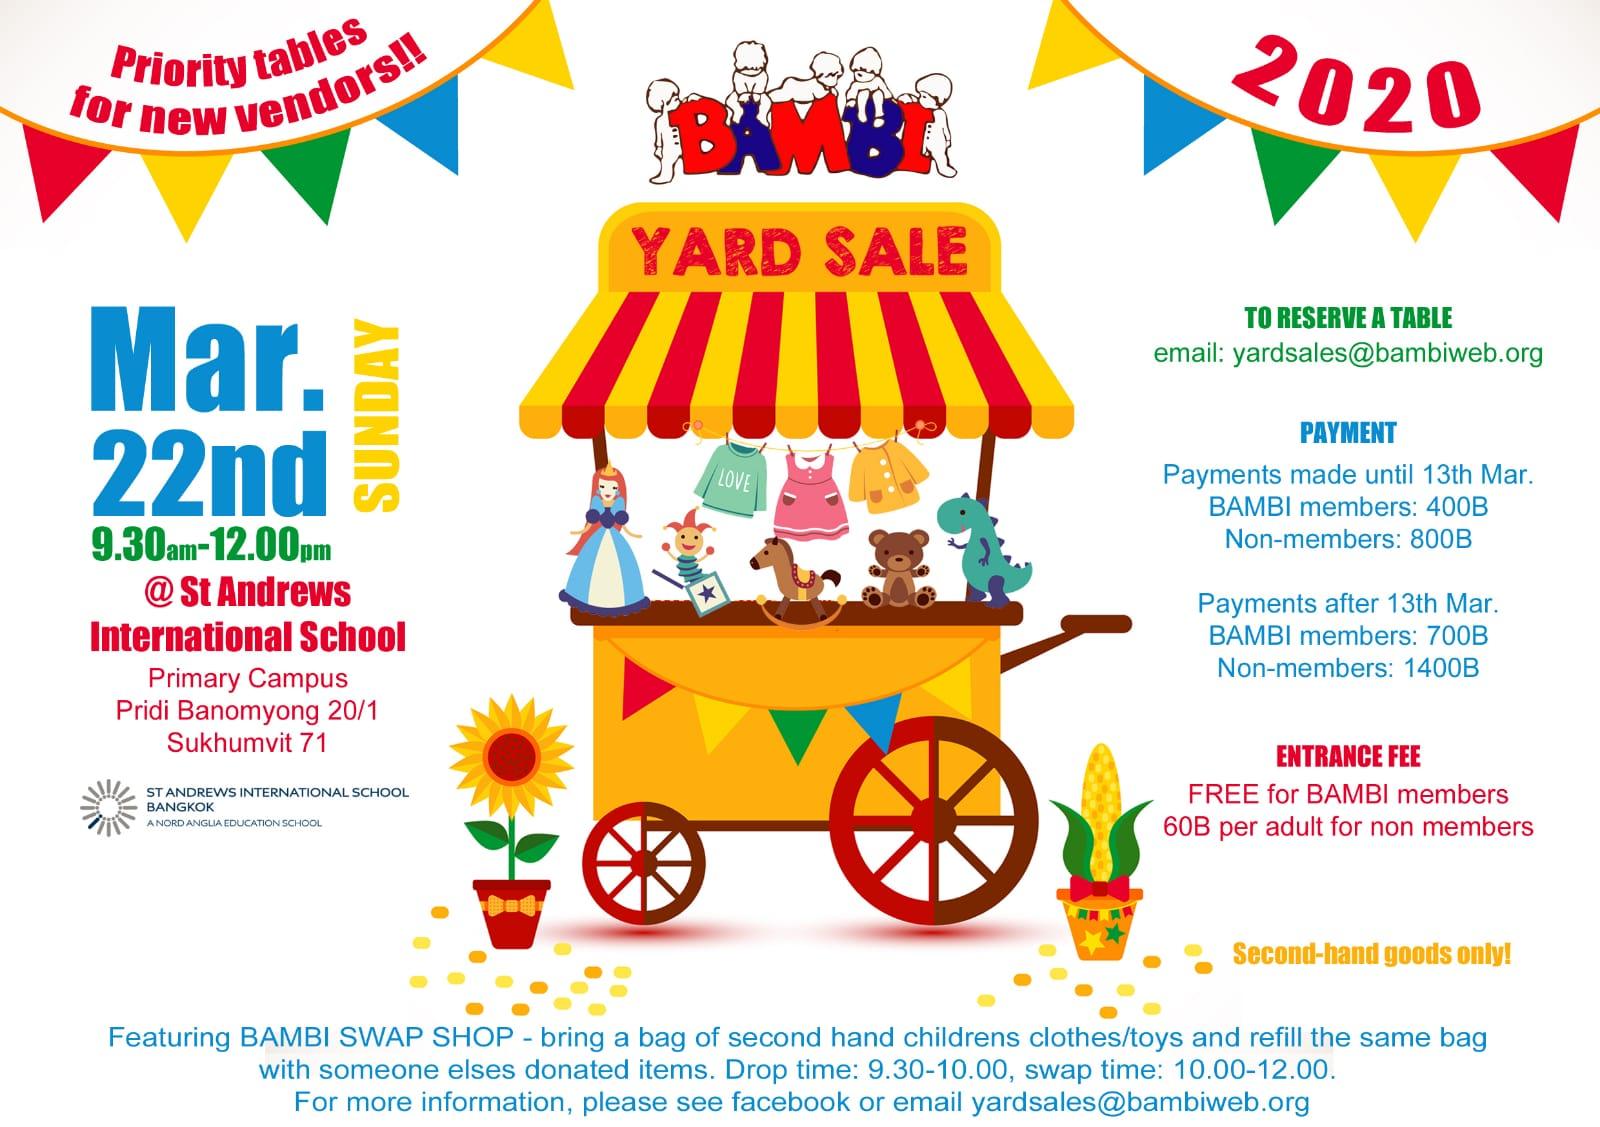 BAMBI Yard Sale & Swap Shop